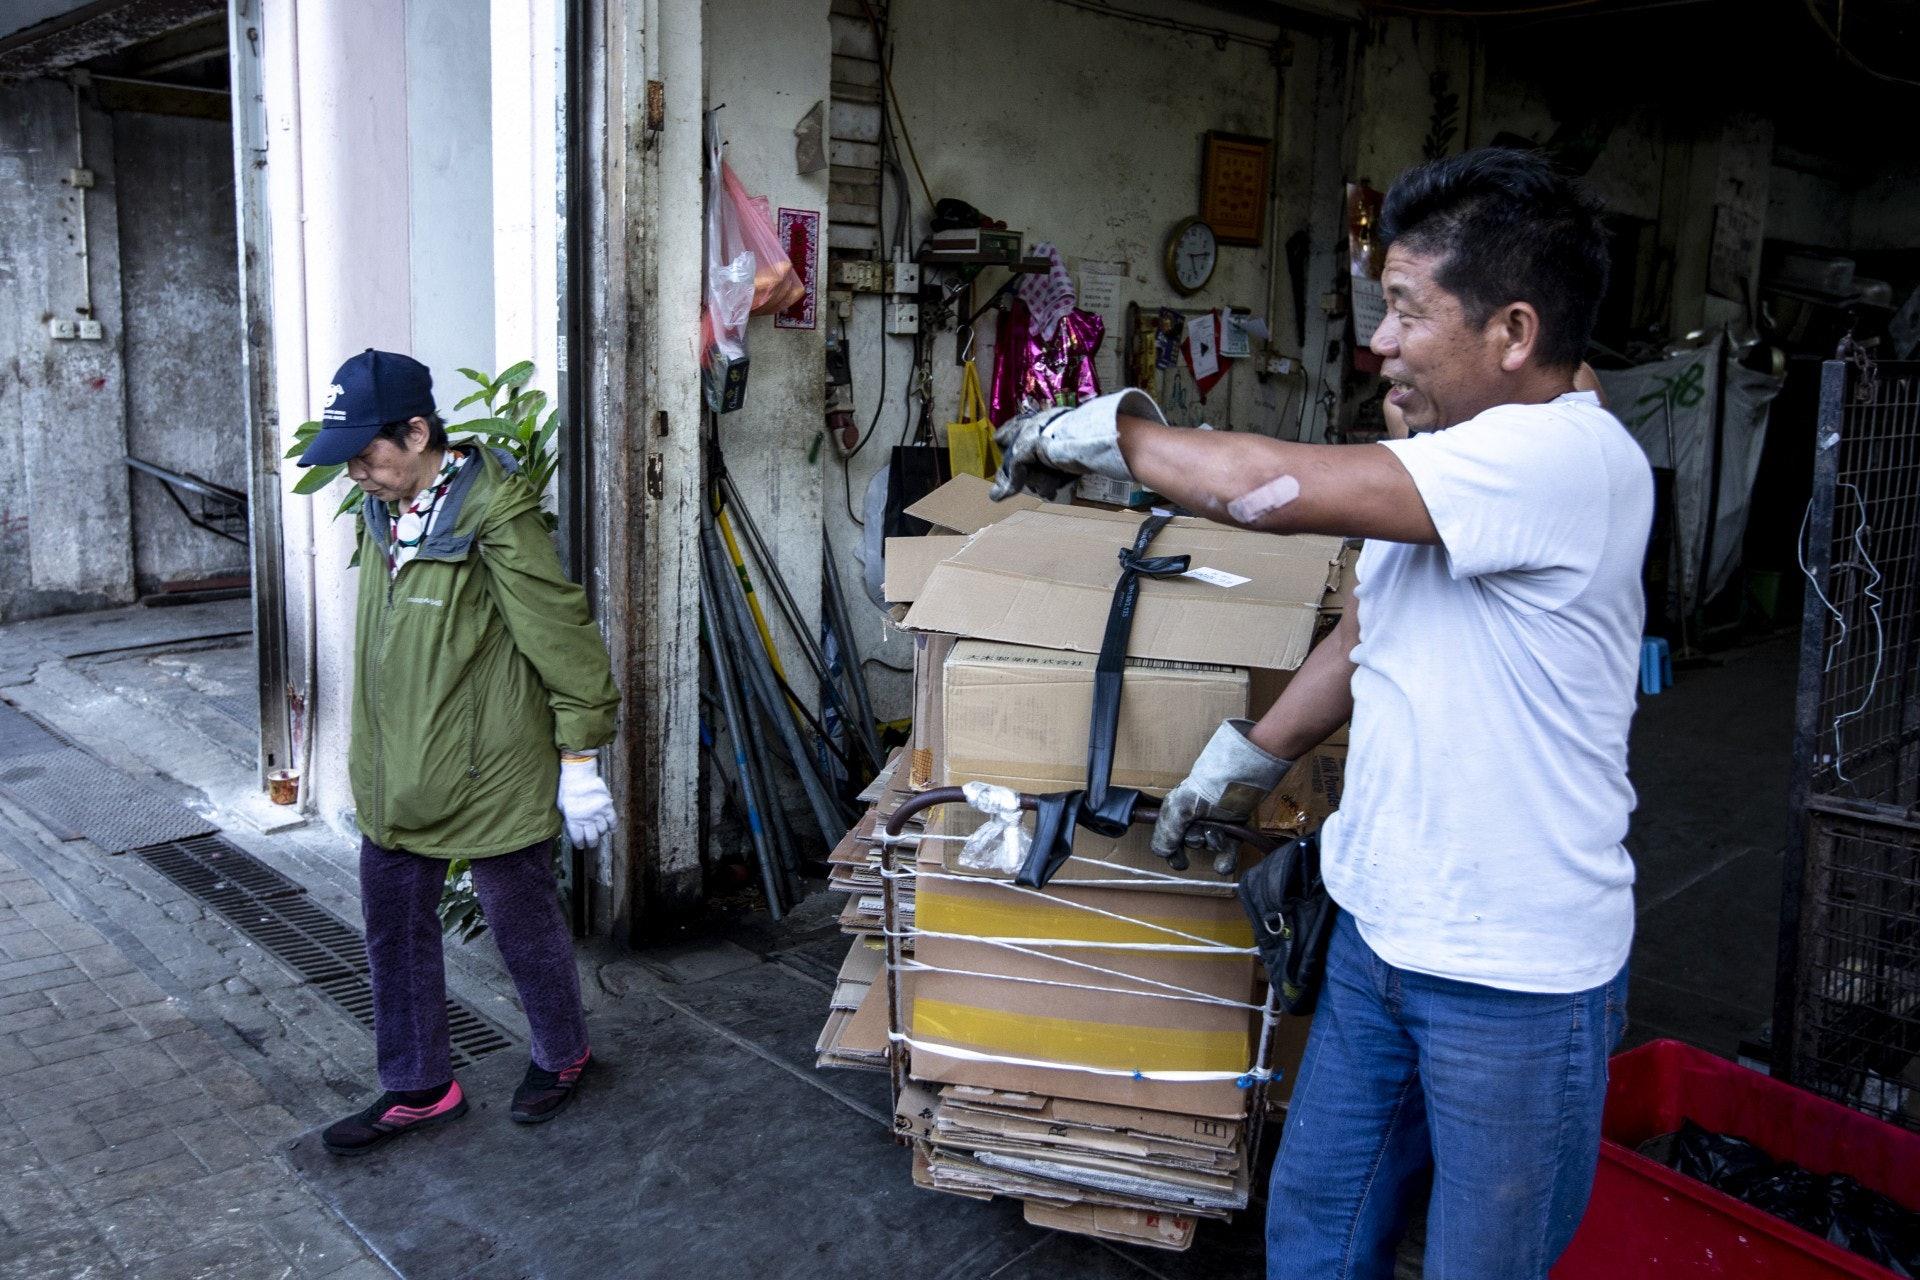 見到回收商後,量度重量、交出紙皮、收到金錢,一切在短於一分鐘的時間內完成。(羅君豪攝)